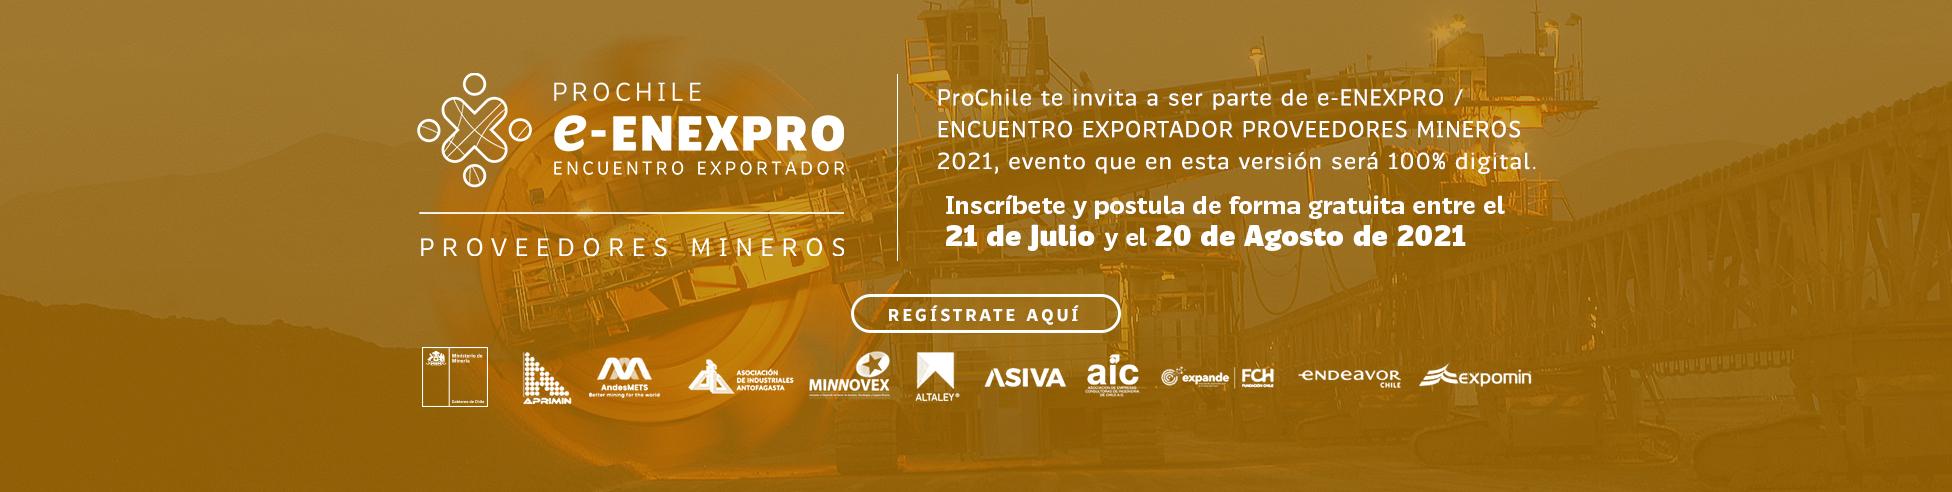 e-enexpro-mineria_1952x492_ESP